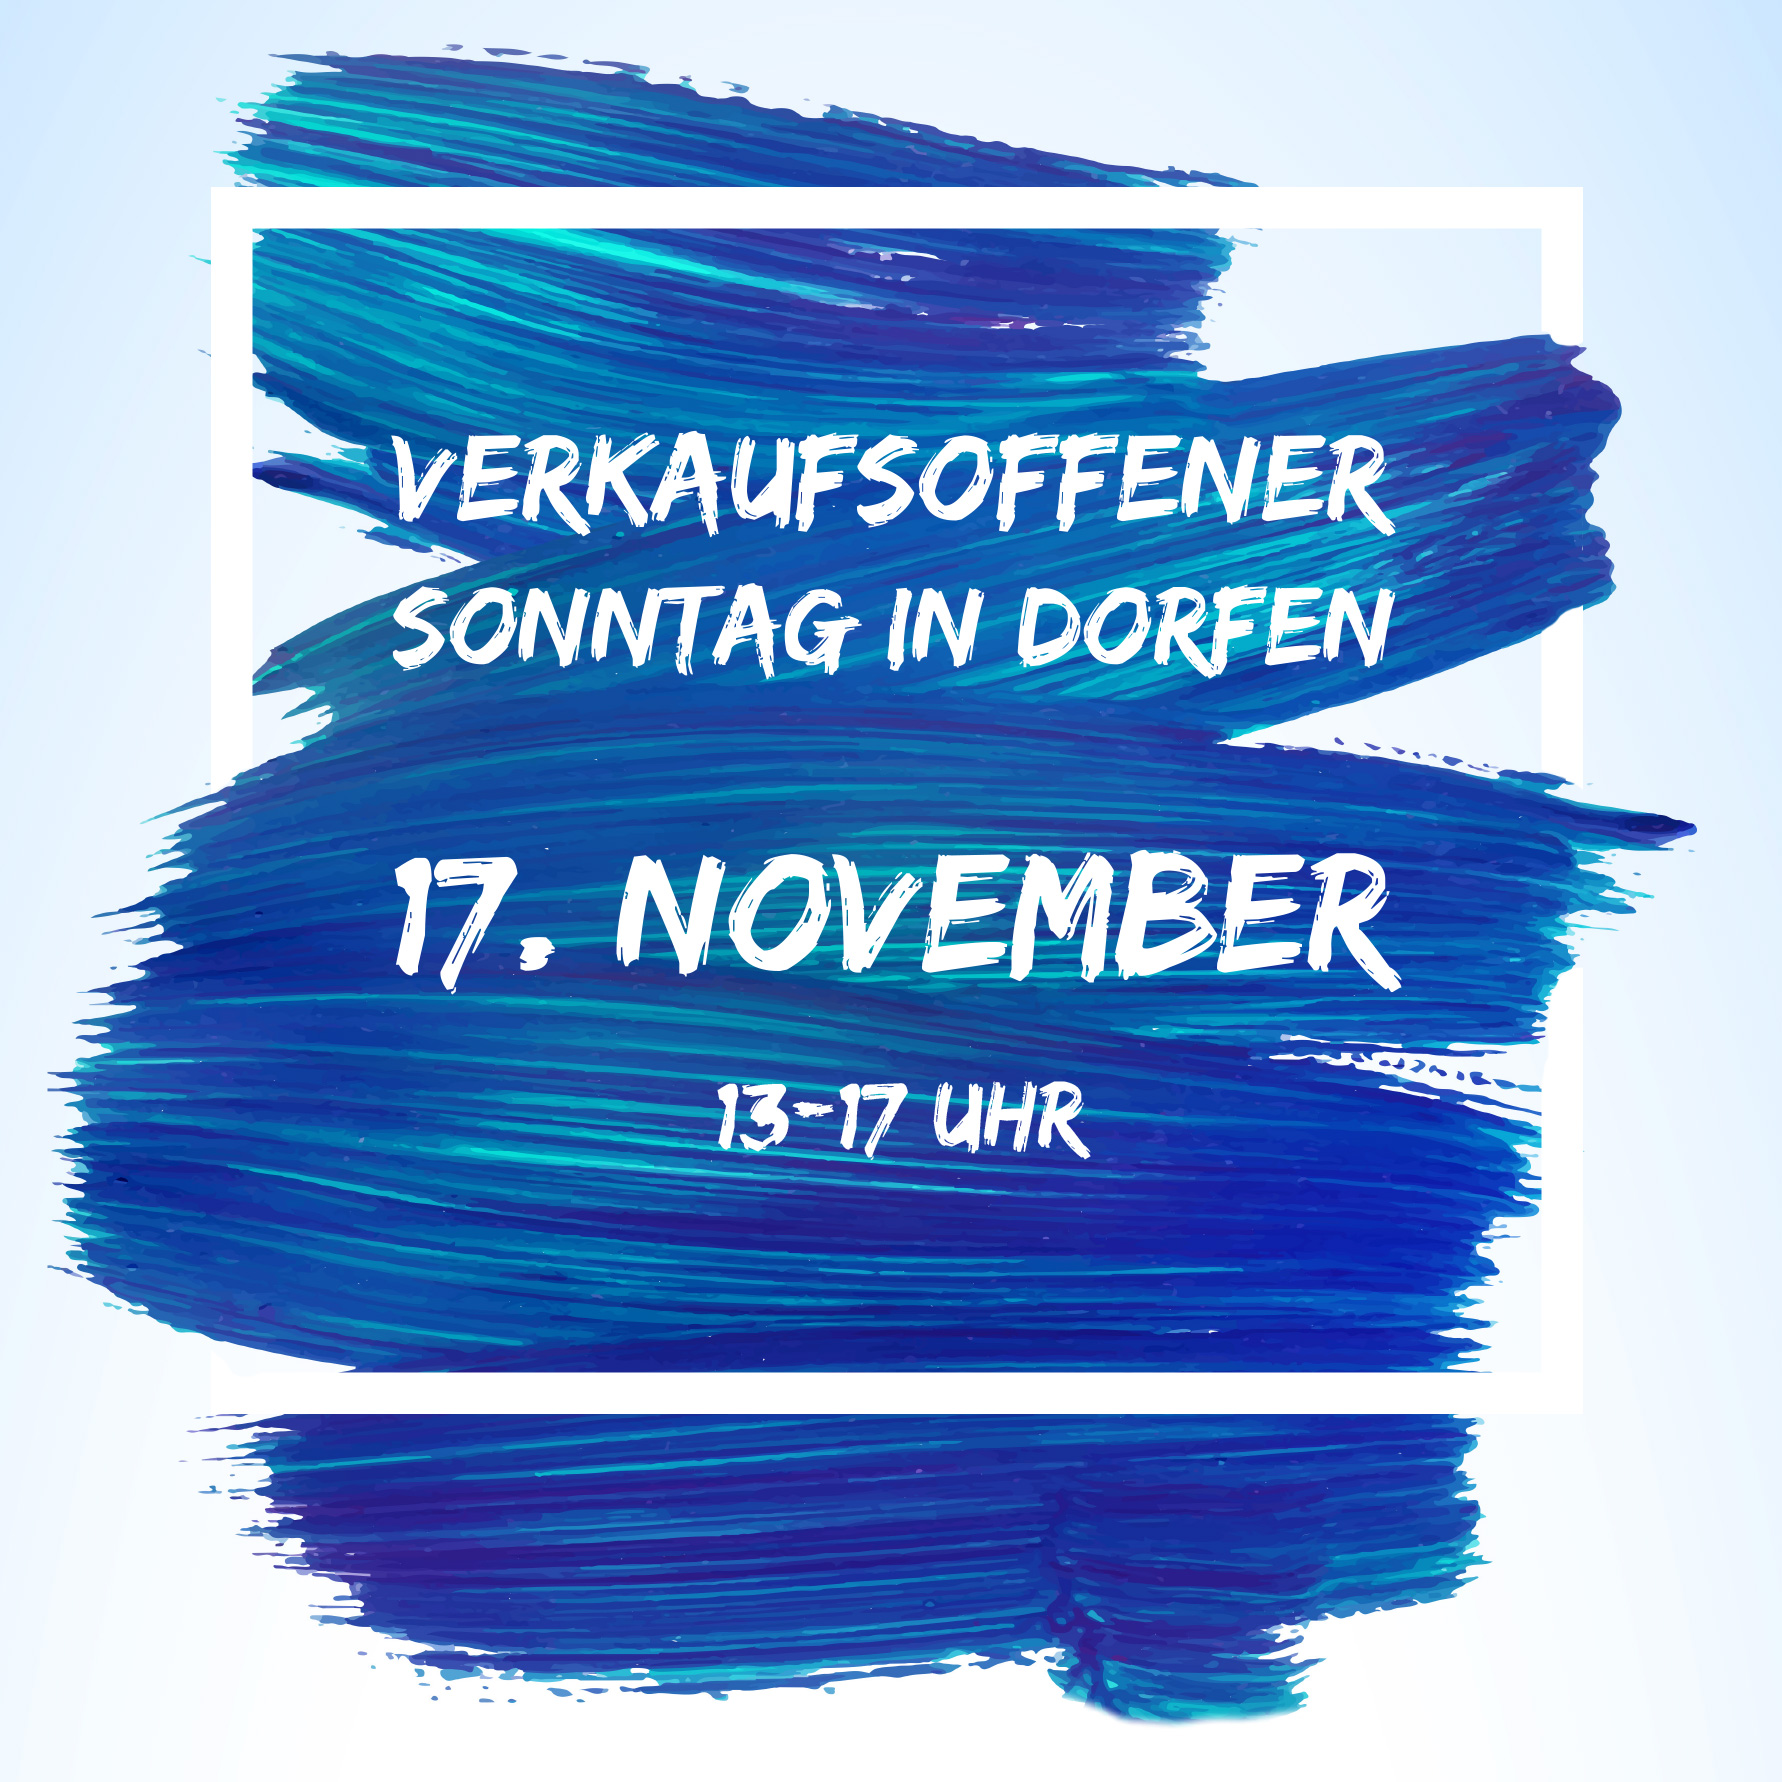 Verkaufsoffener Sonntag am 17. November in Dorfen